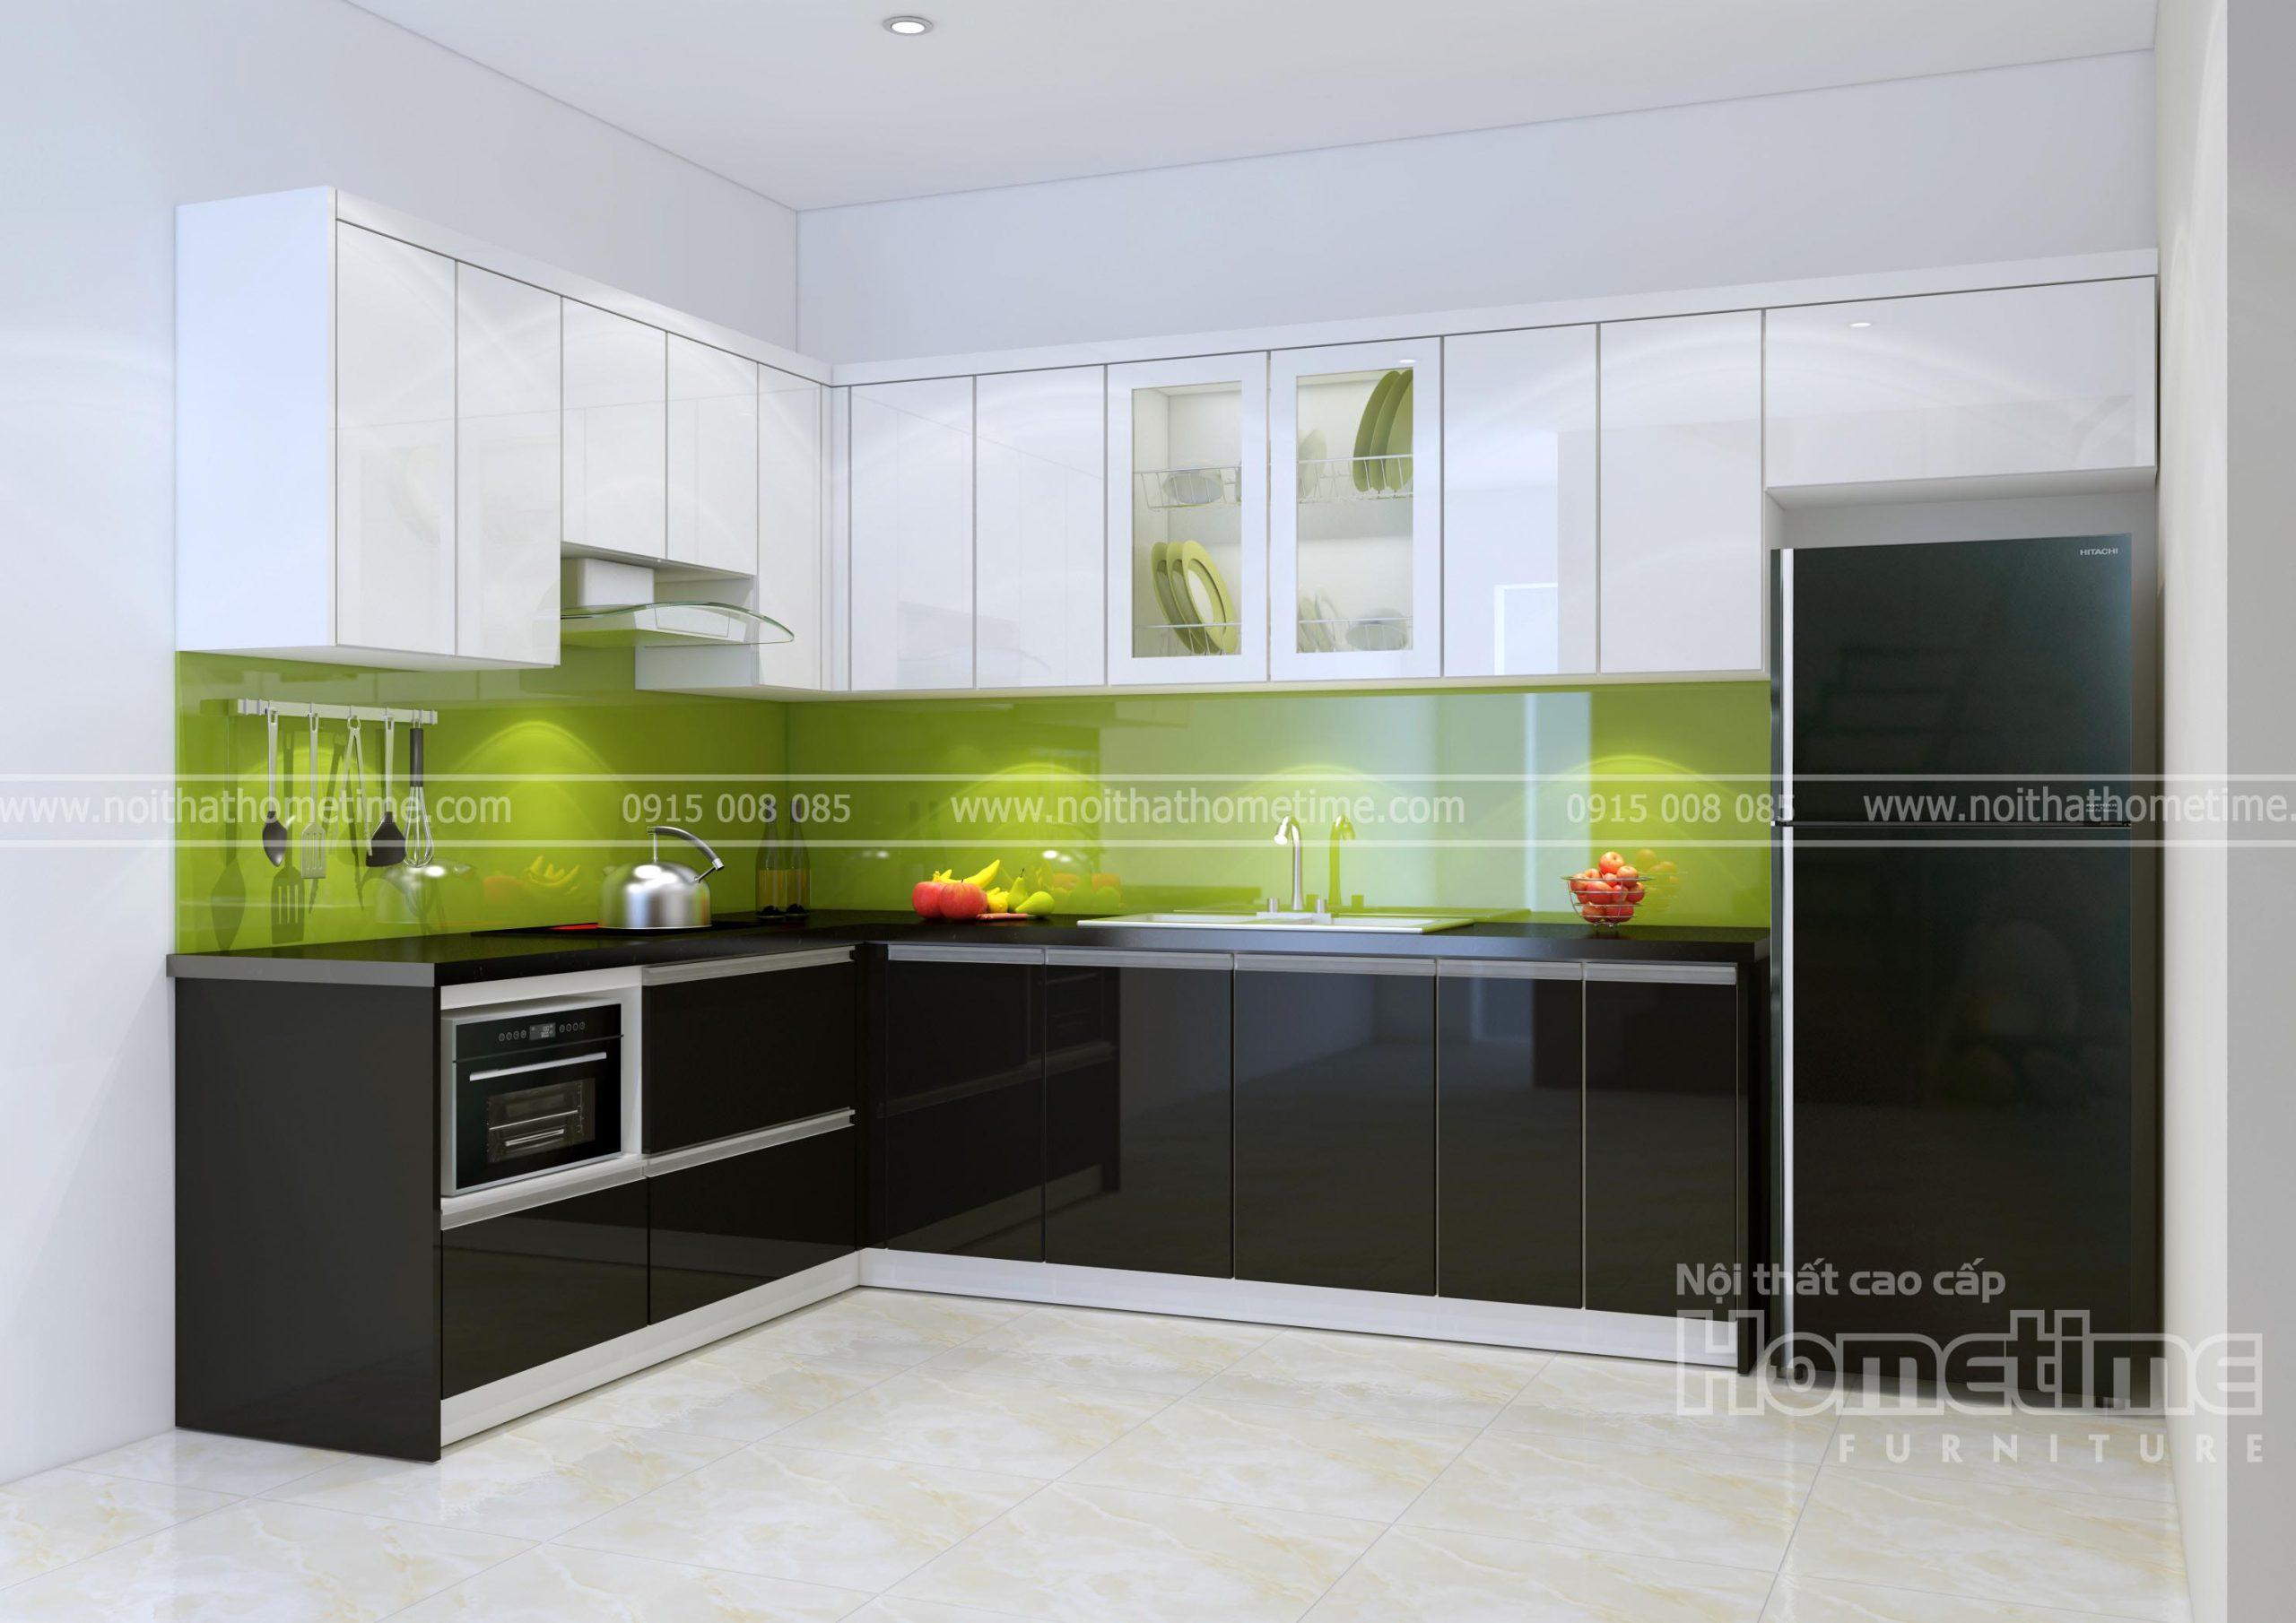 Hình ảnh tổng quan tủ bếp đẹp hiện đại